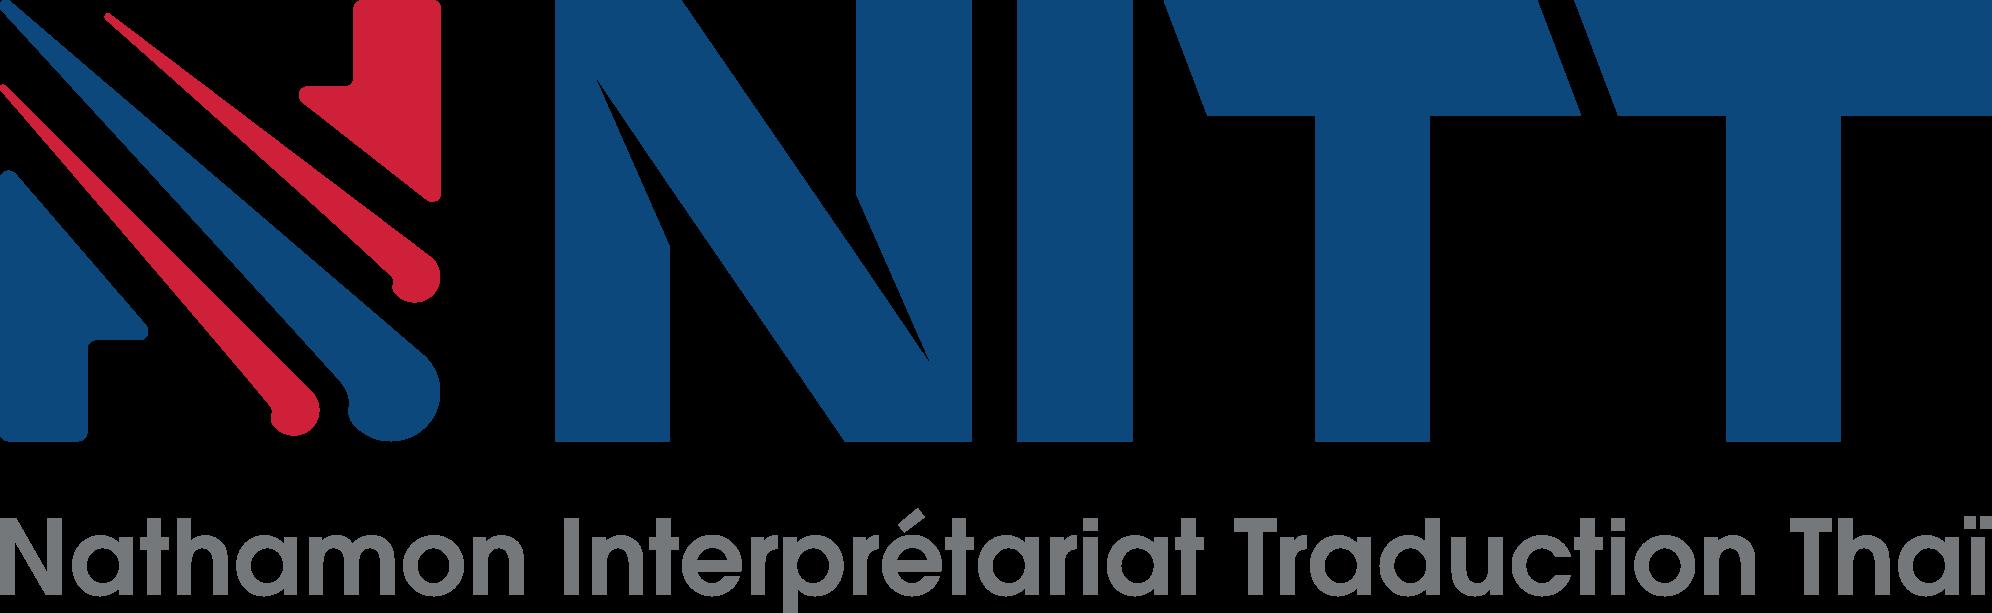 NITT_Logo